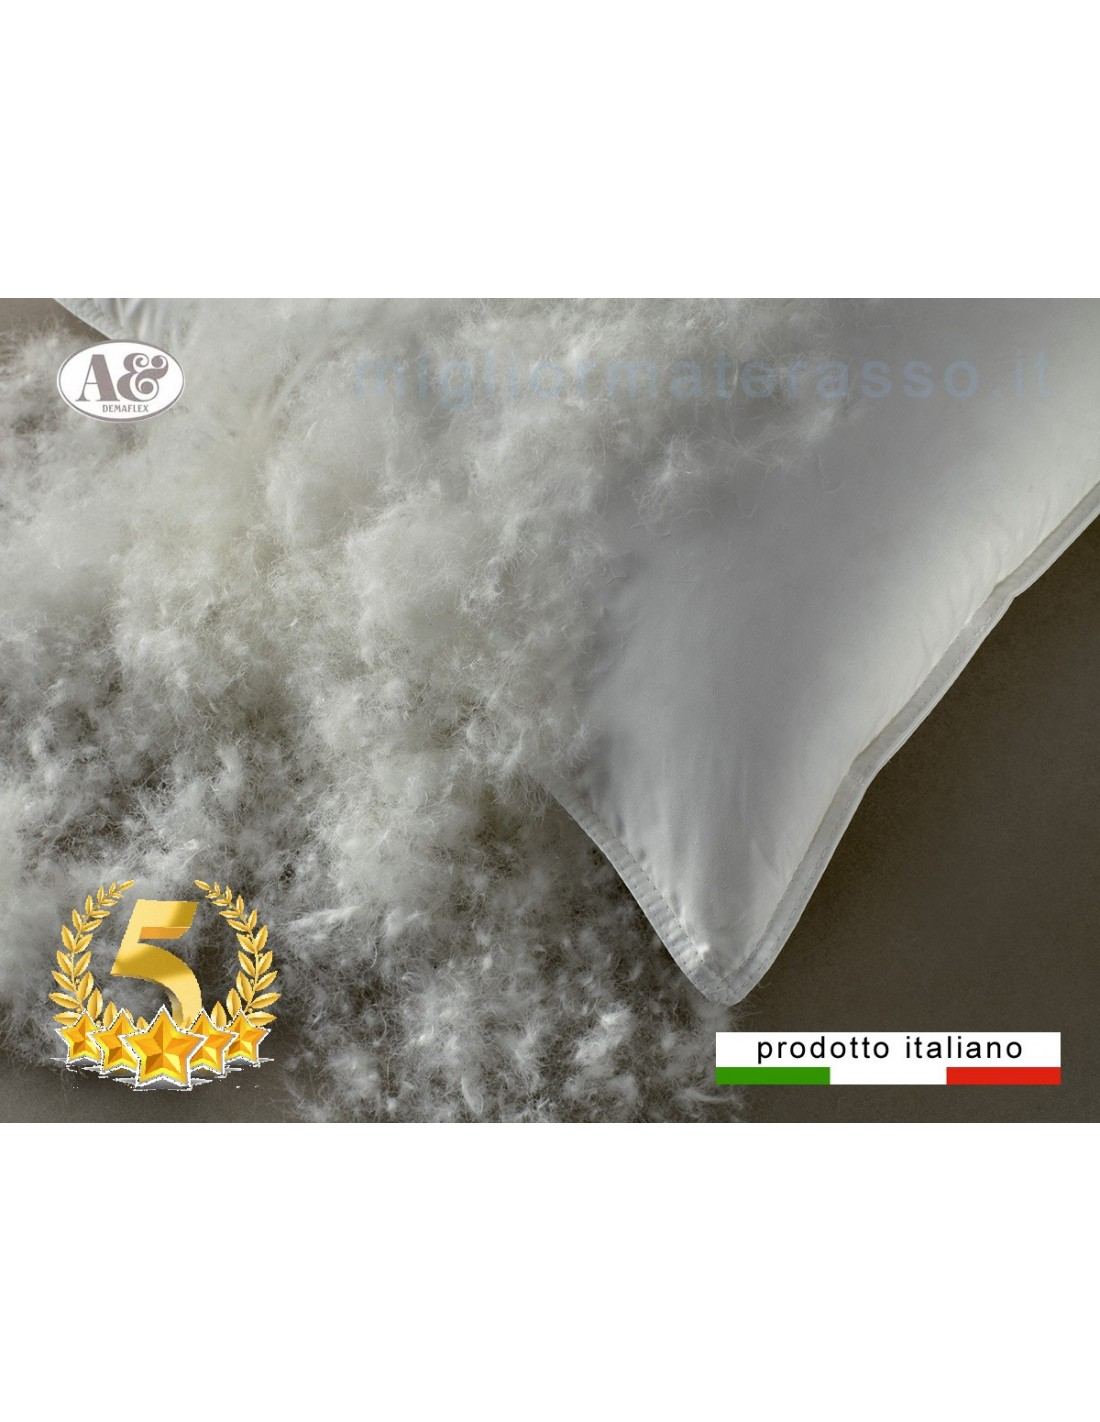 più soffice del Cuscino in piuma d'oca è il cuscino piumino